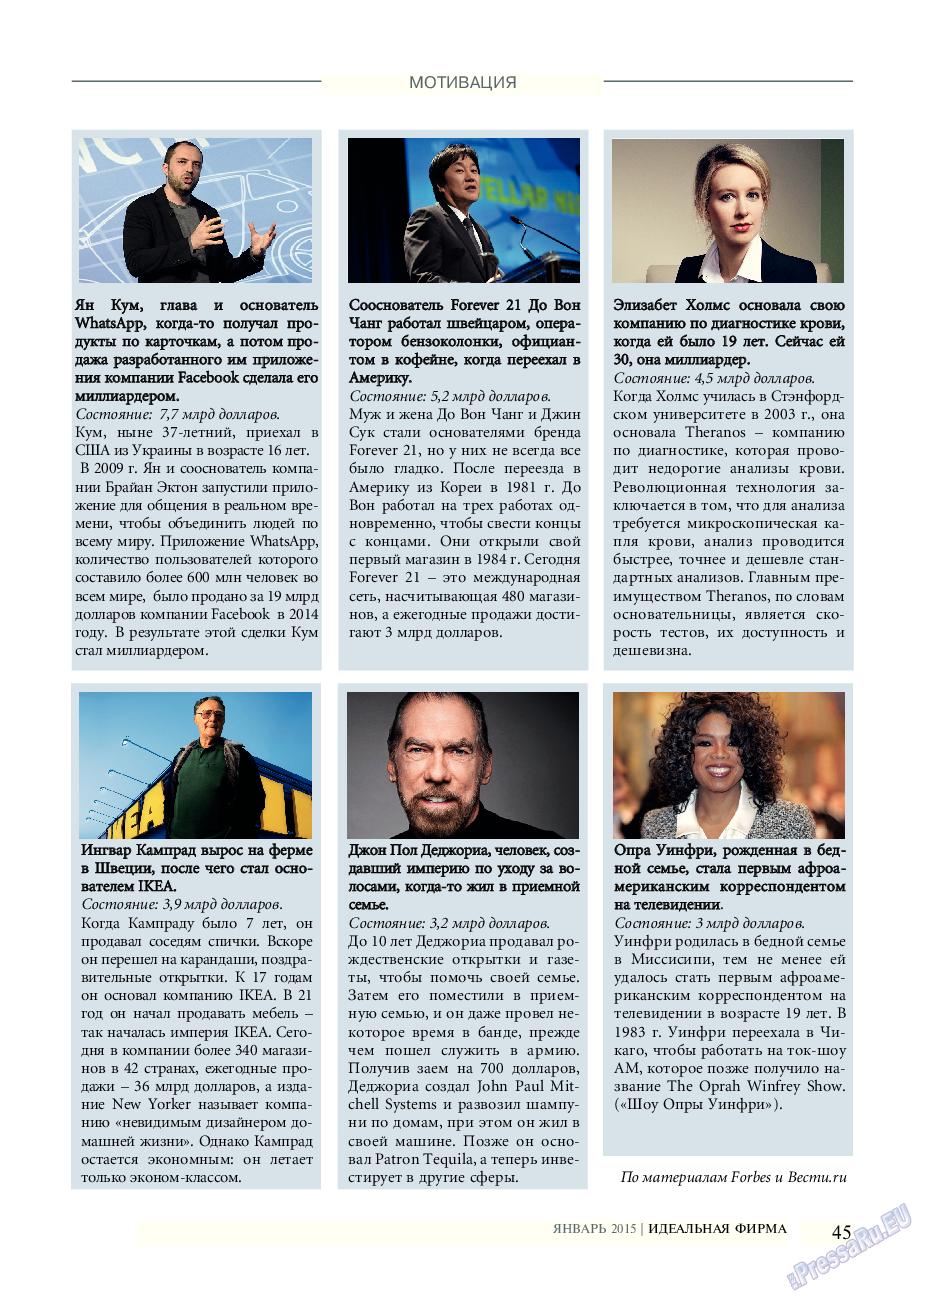 Идеальная фирма (журнал). 2015 год, номер 1, стр. 45